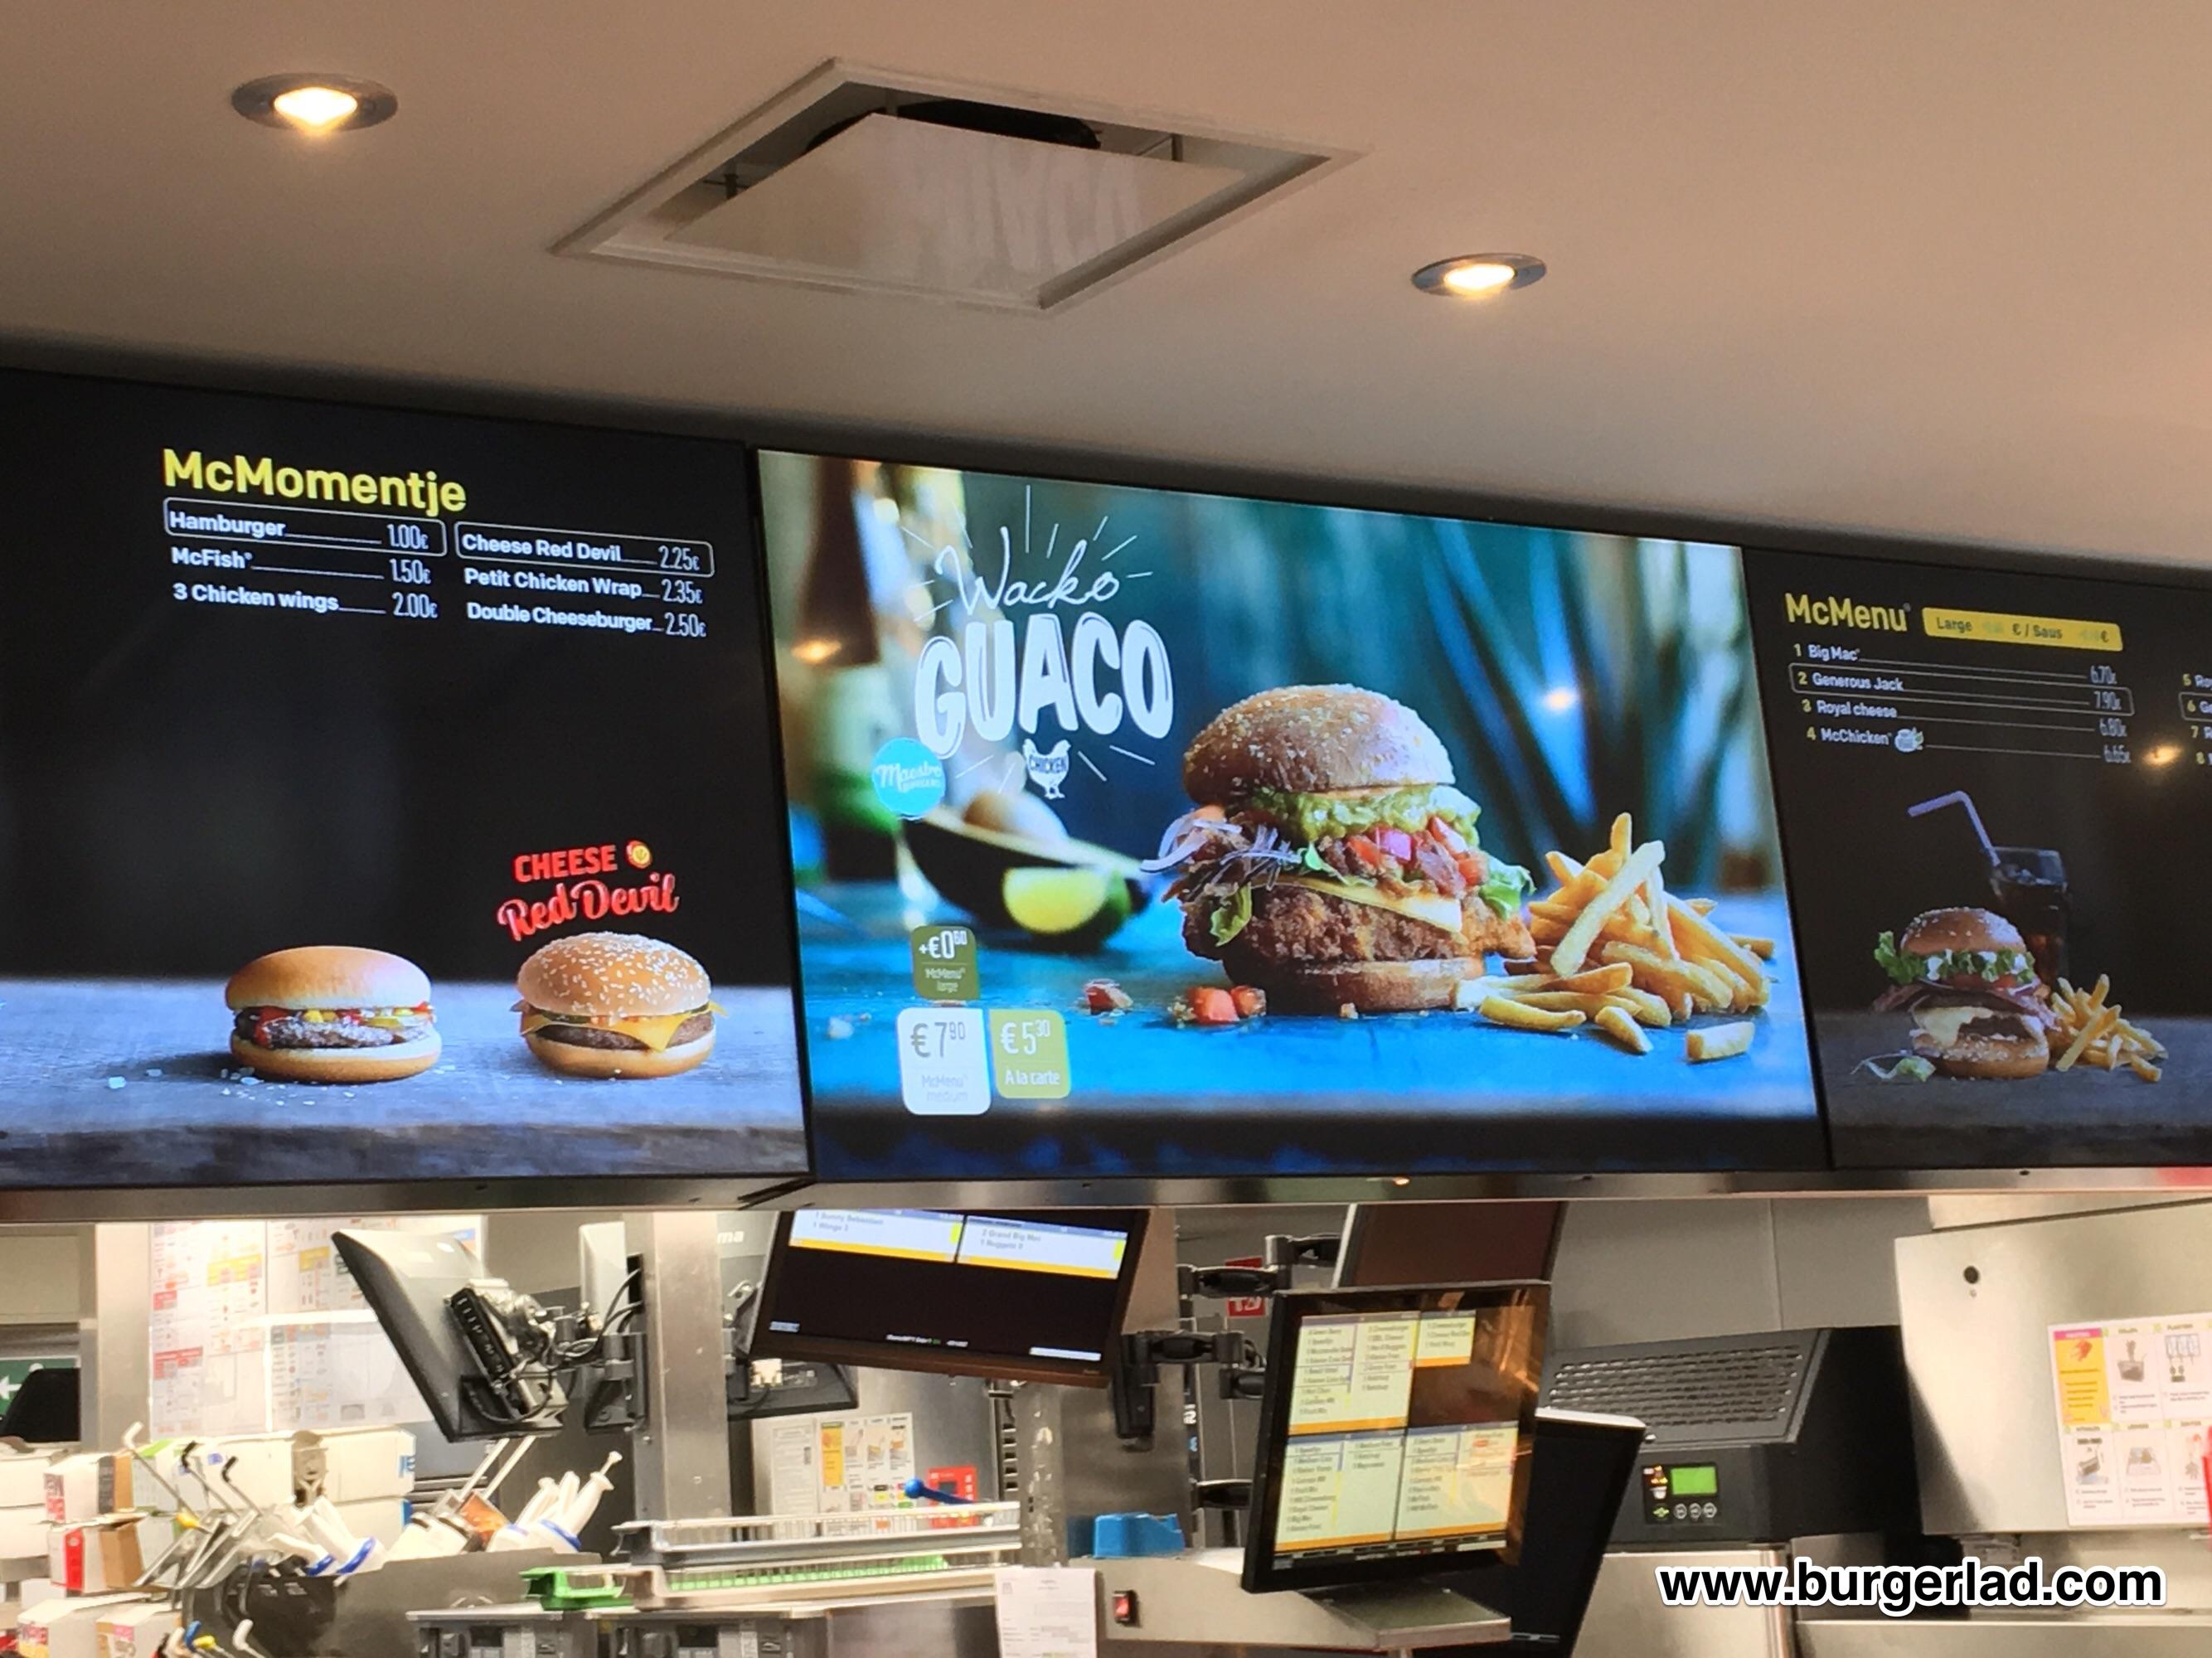 mcdonald's belgium menu prices - mcdonald's belgium price list 2018